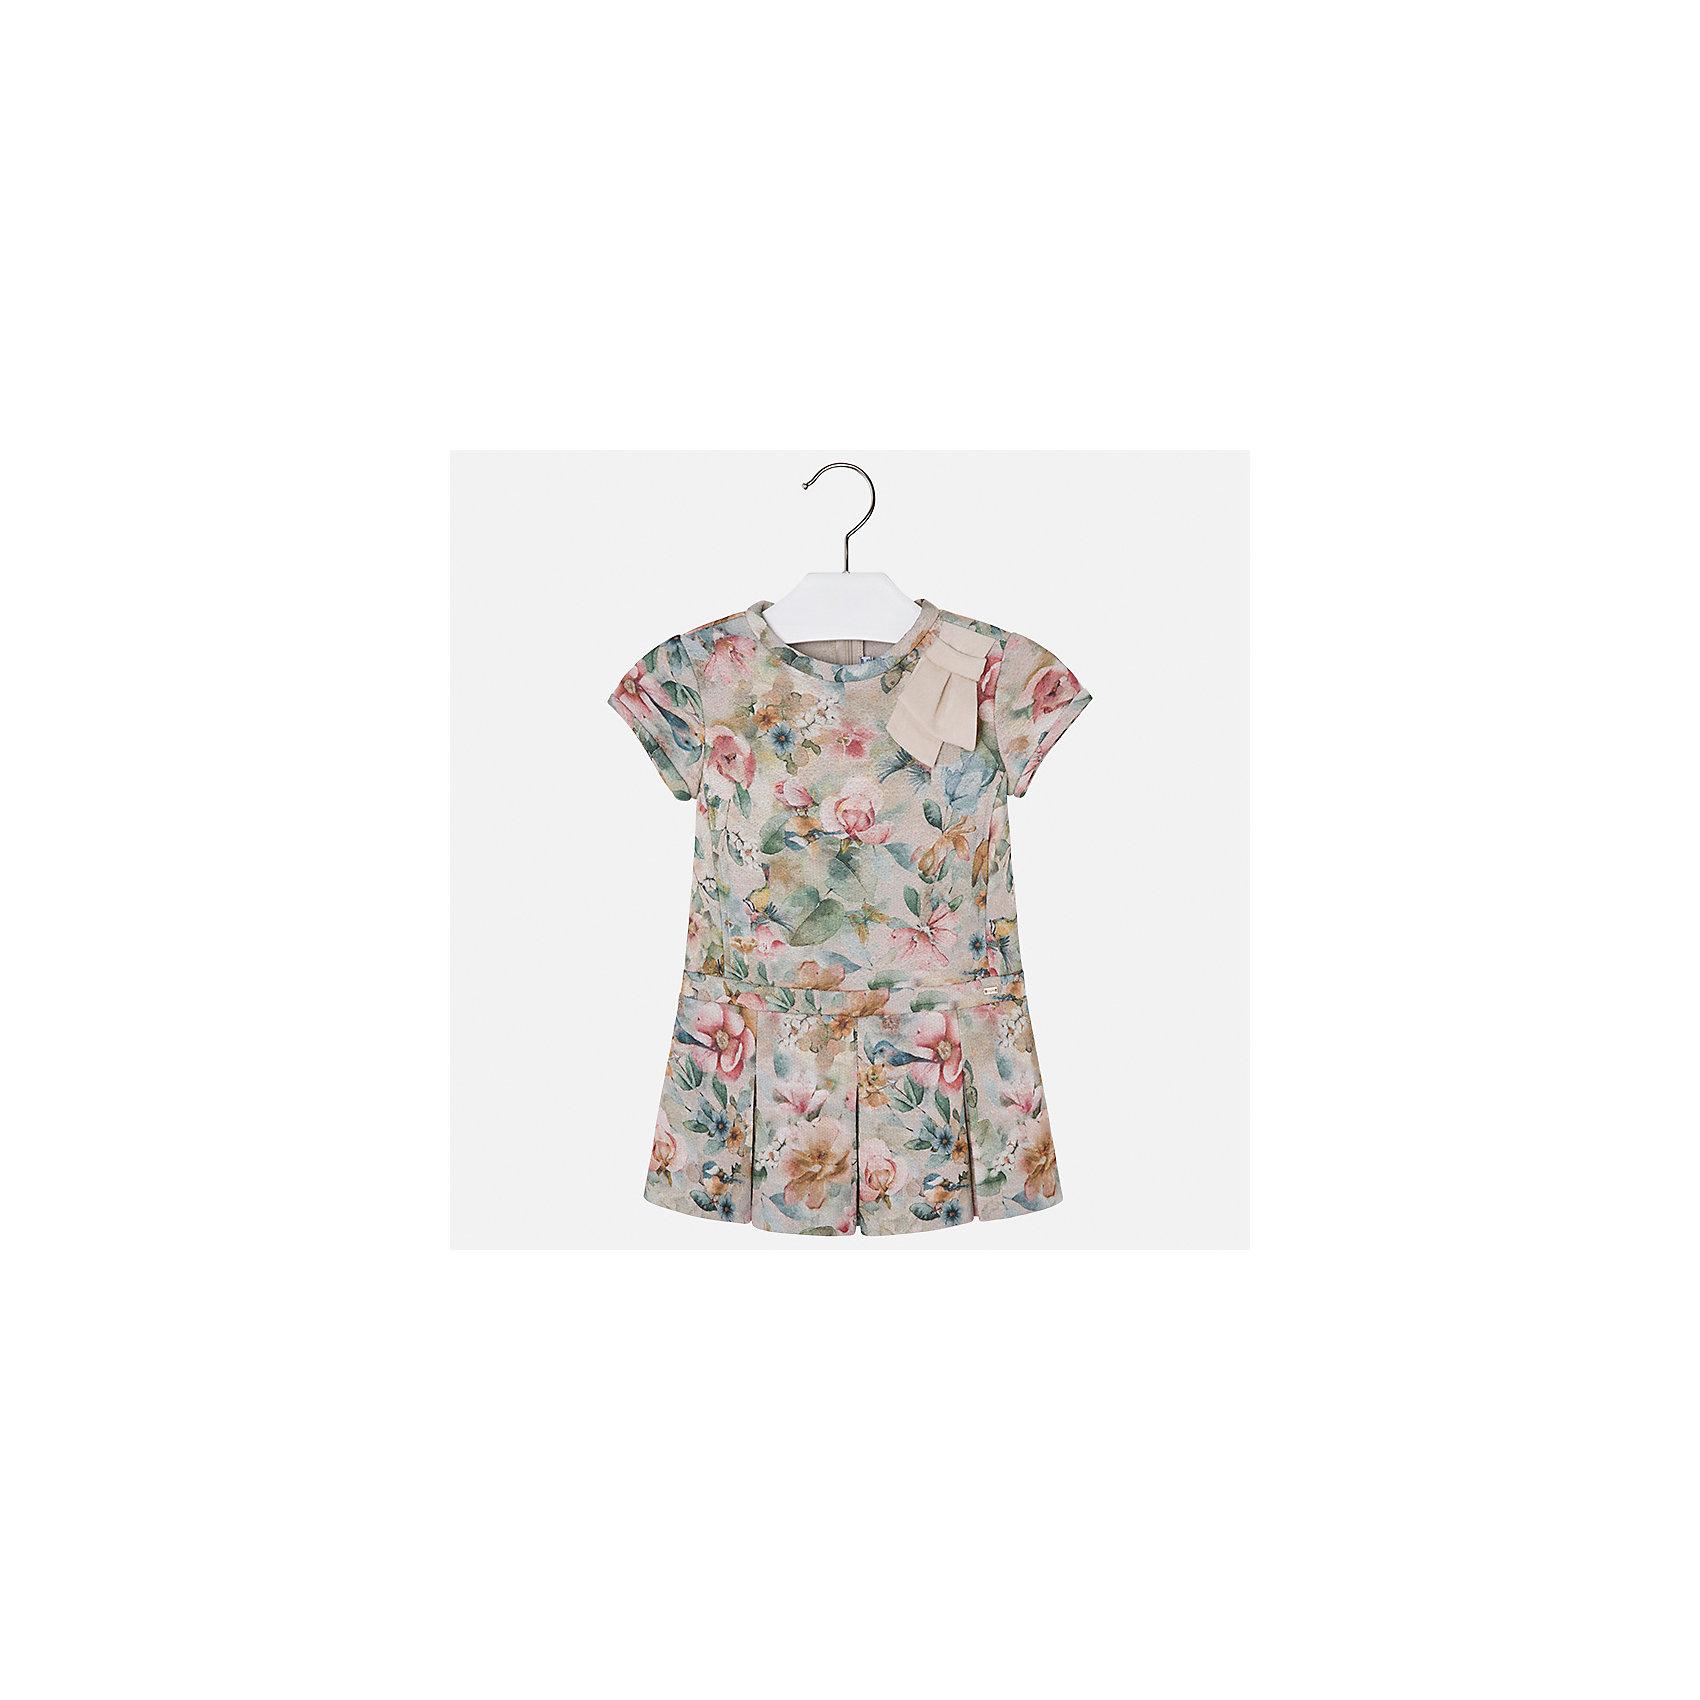 Платье Mayoral для девочкиОдежда<br>Характеристики товара:<br><br>• цвет: коричневый<br>• состав ткани: 85% хлопок, 15% полиэстер<br>• сезон: круглый год<br>• короткие рукава<br>• застежка: молния<br>• страна бренда: Испания<br>• страна изготовитель: Индия<br><br>Стильное детское платье от бренда Майорал поможет девочке выглядеть красиво и чувствовать себя комфортно. Такое детское платье отличается интересным фасоном и отделкой. <br><br>Для производства детской одежды популярный бренд Mayoral использует только качественную фурнитуру и материалы. Оригинальные и модные вещи от Майорал неизменно привлекают внимание и нравятся детям.<br><br>Платье для девочки Mayoral (Майорал) можно купить в нашем интернет-магазине.<br><br>Ширина мм: 236<br>Глубина мм: 16<br>Высота мм: 184<br>Вес г: 177<br>Цвет: коричневый<br>Возраст от месяцев: 96<br>Возраст до месяцев: 108<br>Пол: Женский<br>Возраст: Детский<br>Размер: 134,92,98,104,110,116,122,128<br>SKU: 6923392